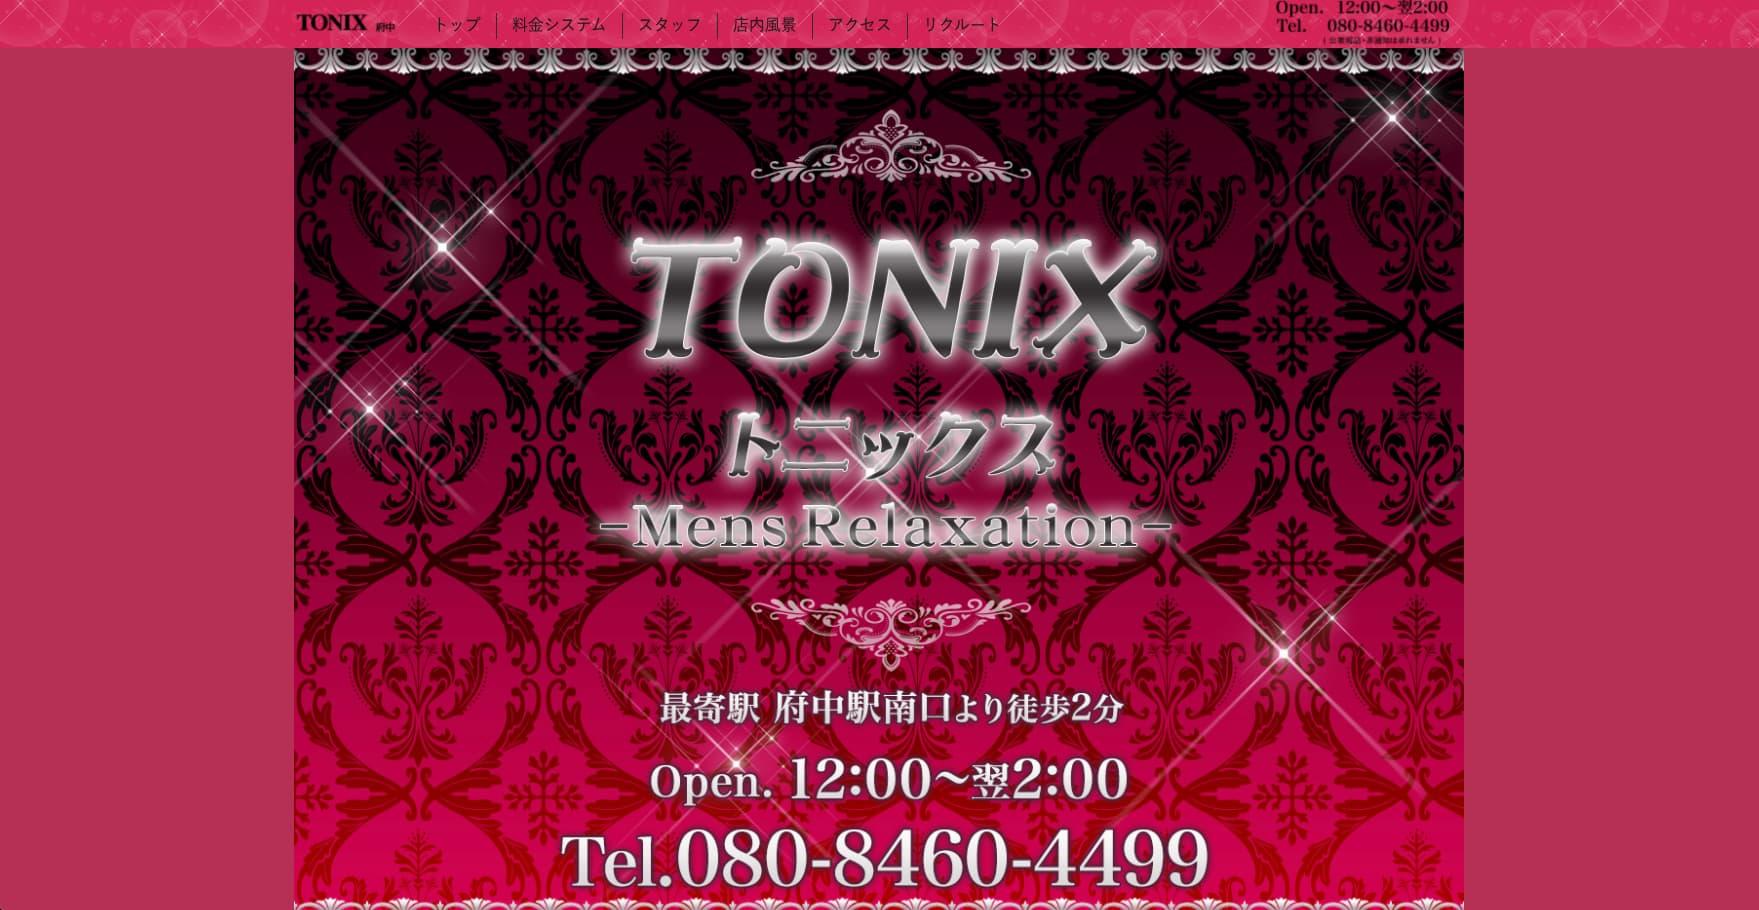 Tonix(トニックス)